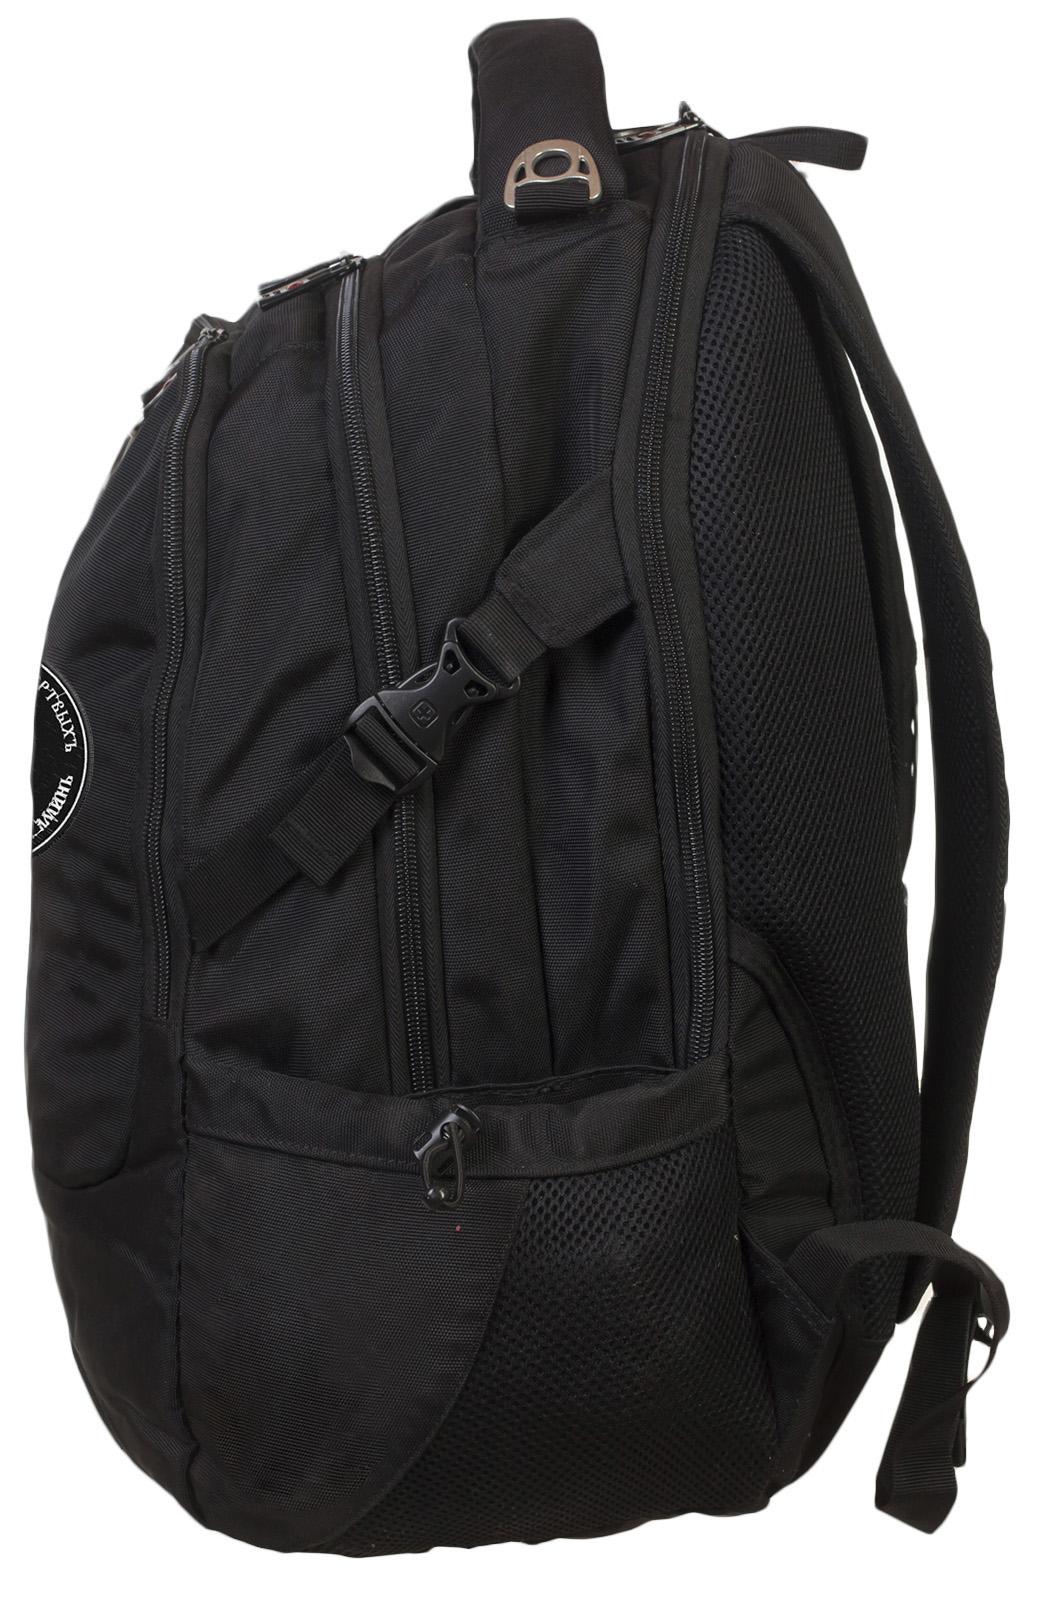 Походный универсальный рюкзак с нашивкой Флаг Бакланова - заказать с доставкой